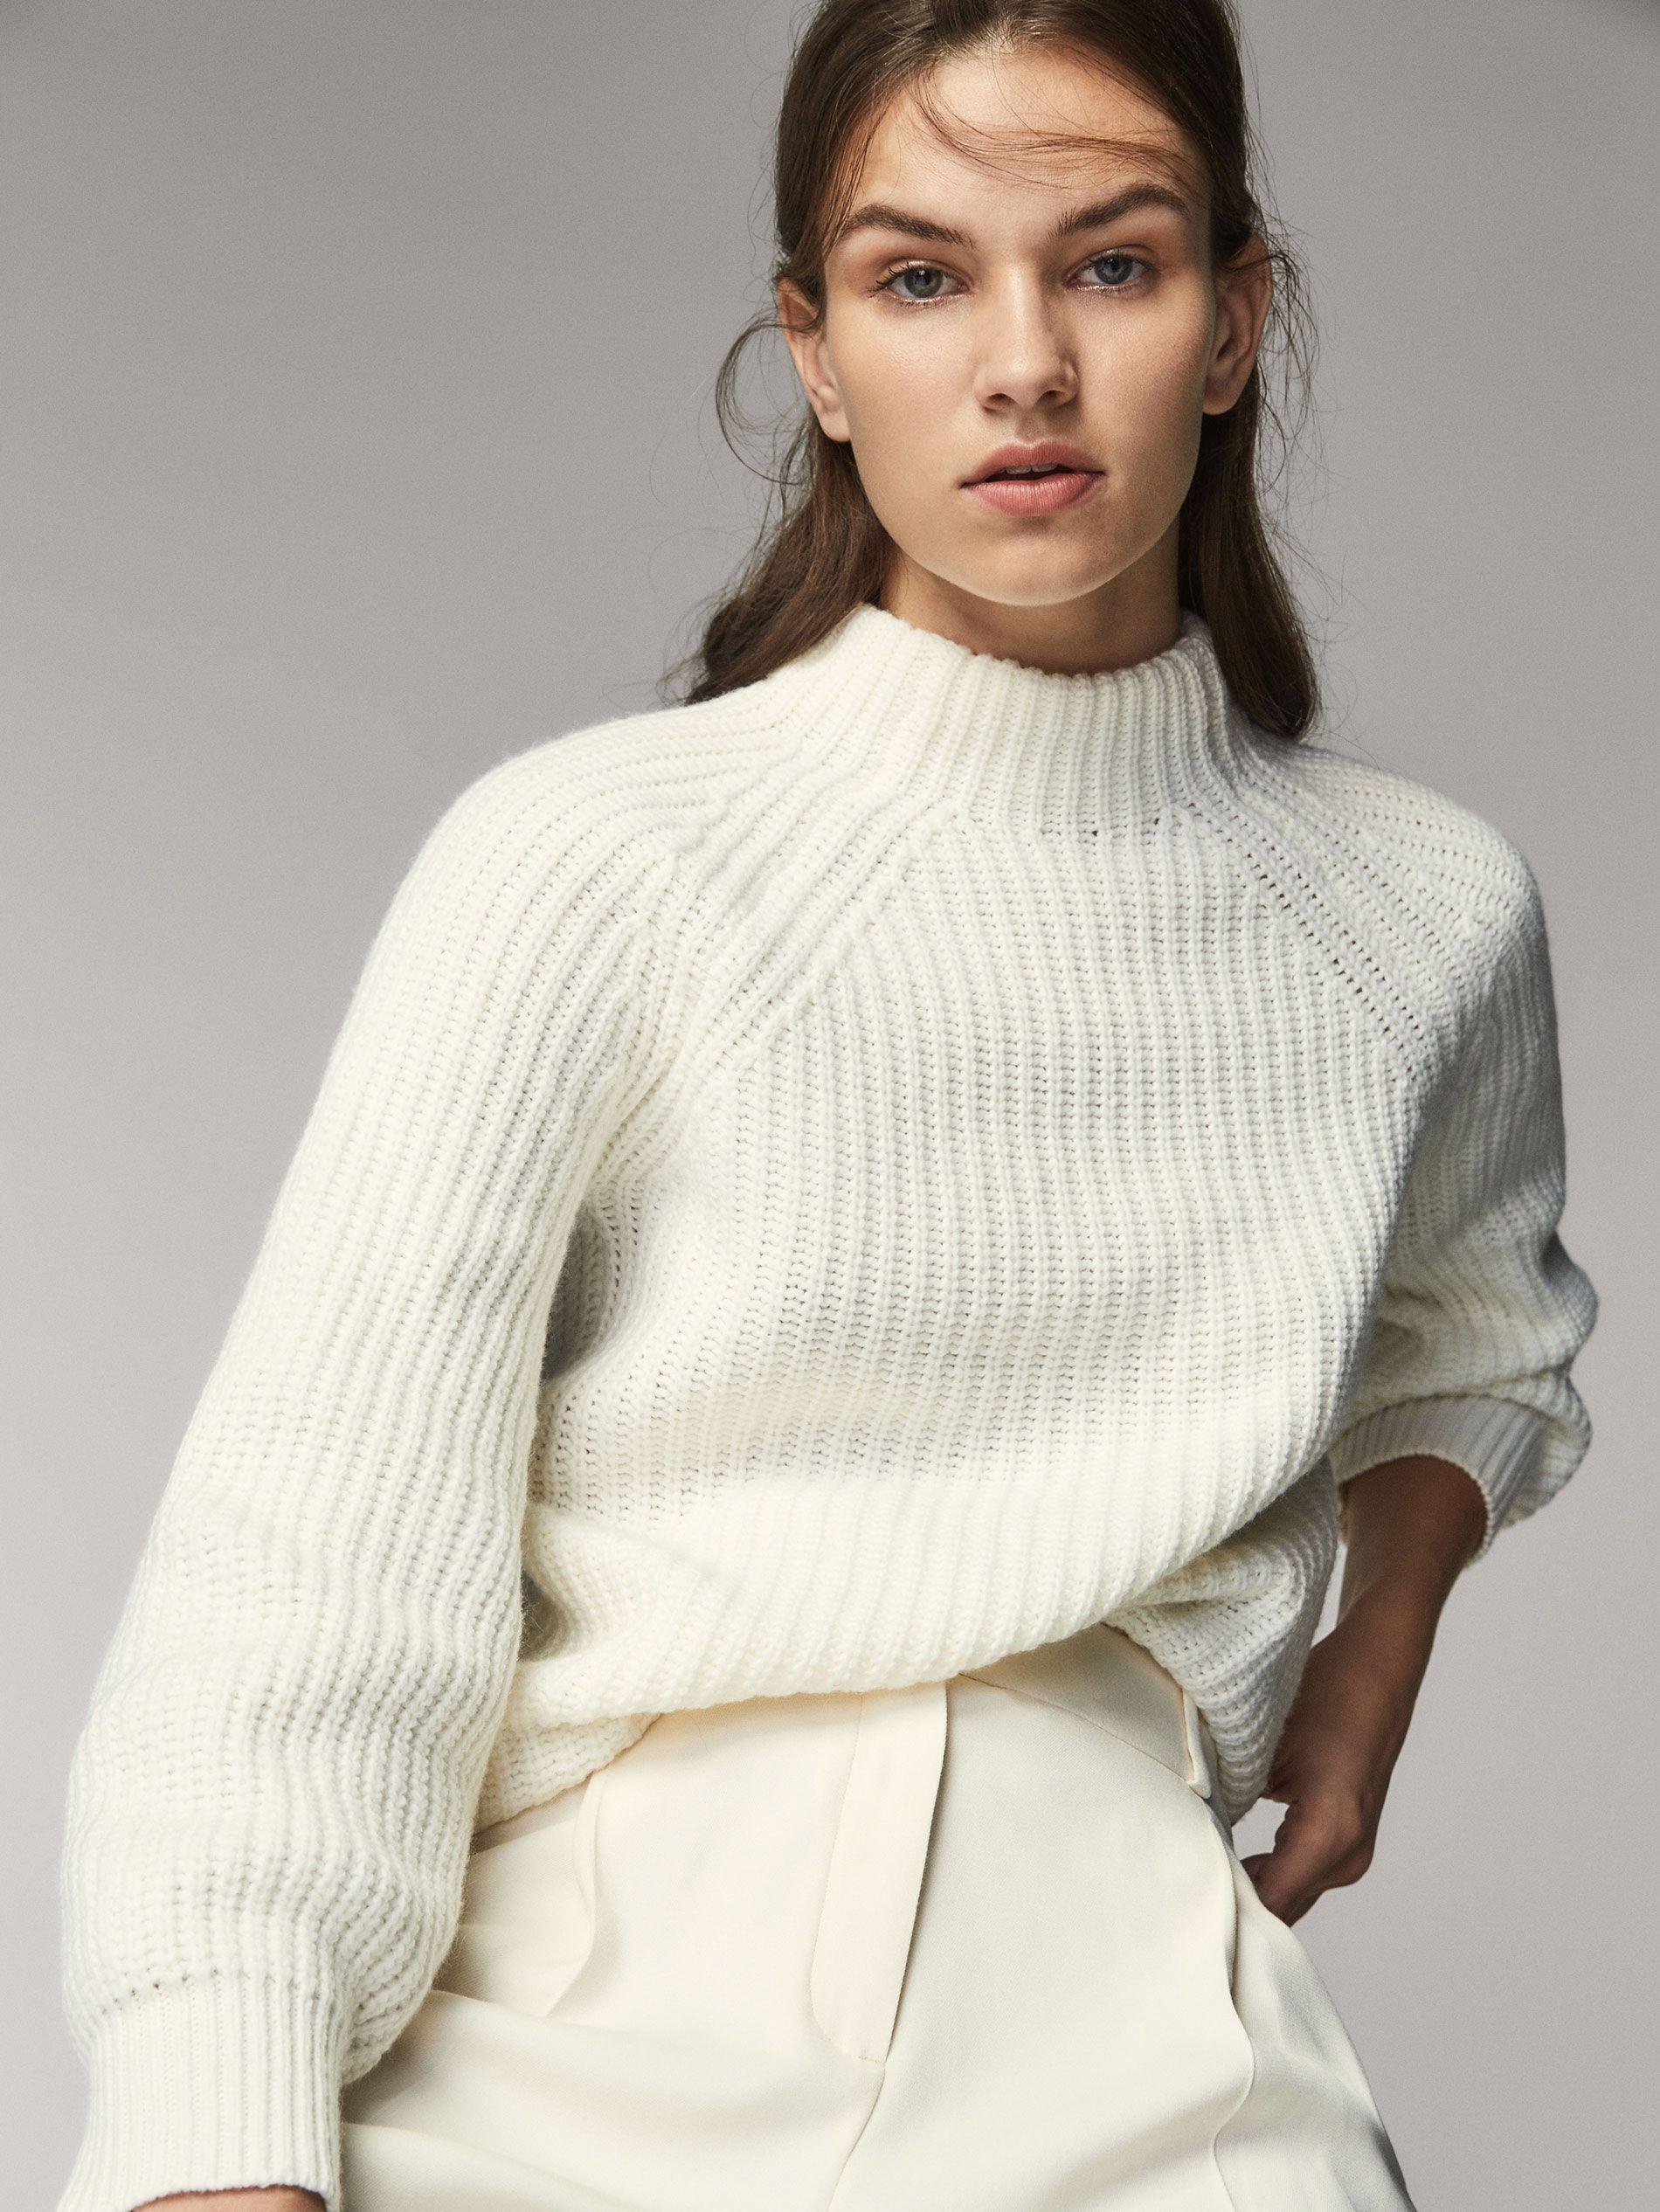 Jersey de fantasía, confeccionado en tejido de lana y cashmere ...